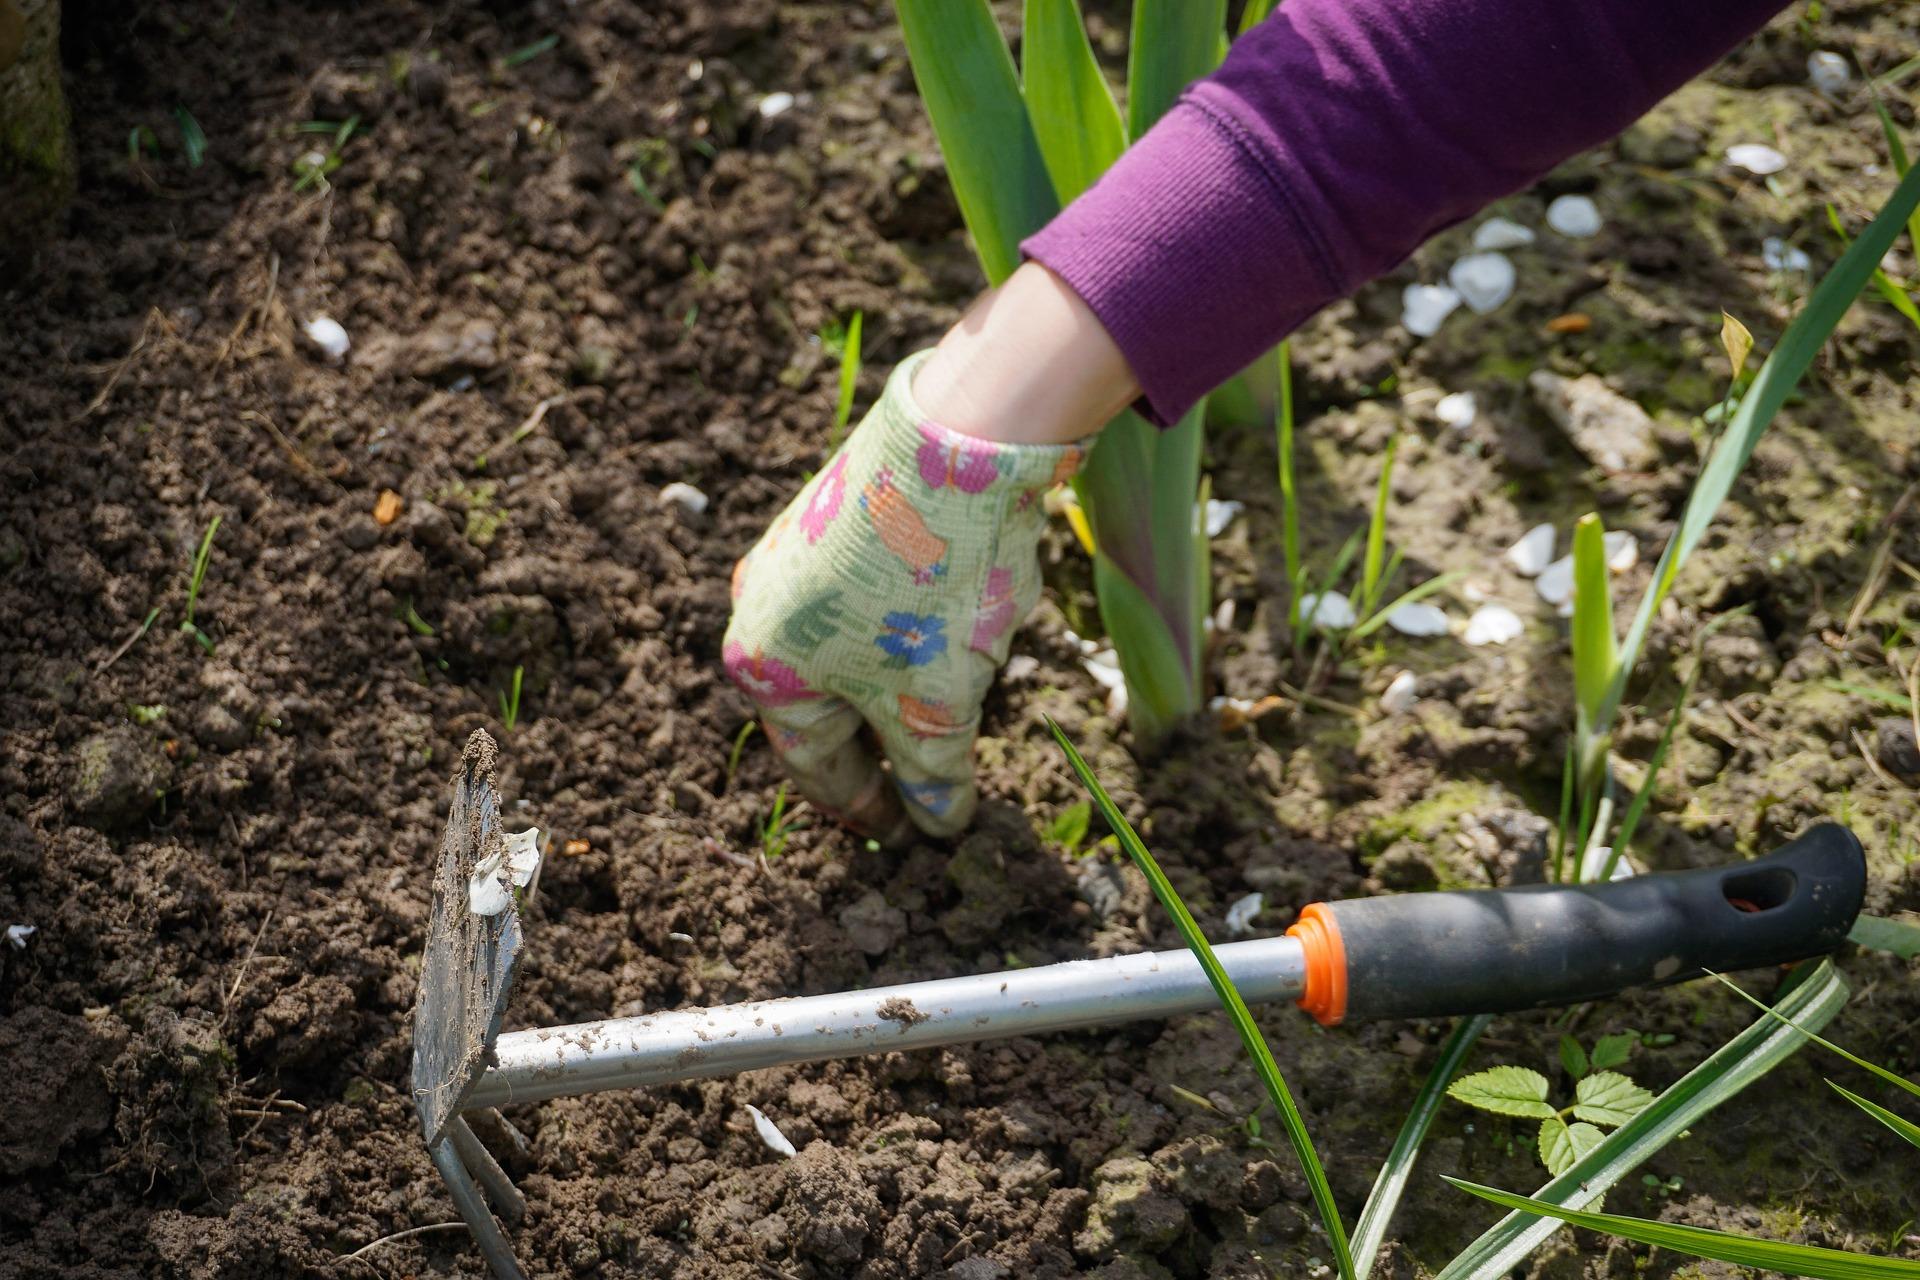 limpiando hierbas en el jardín